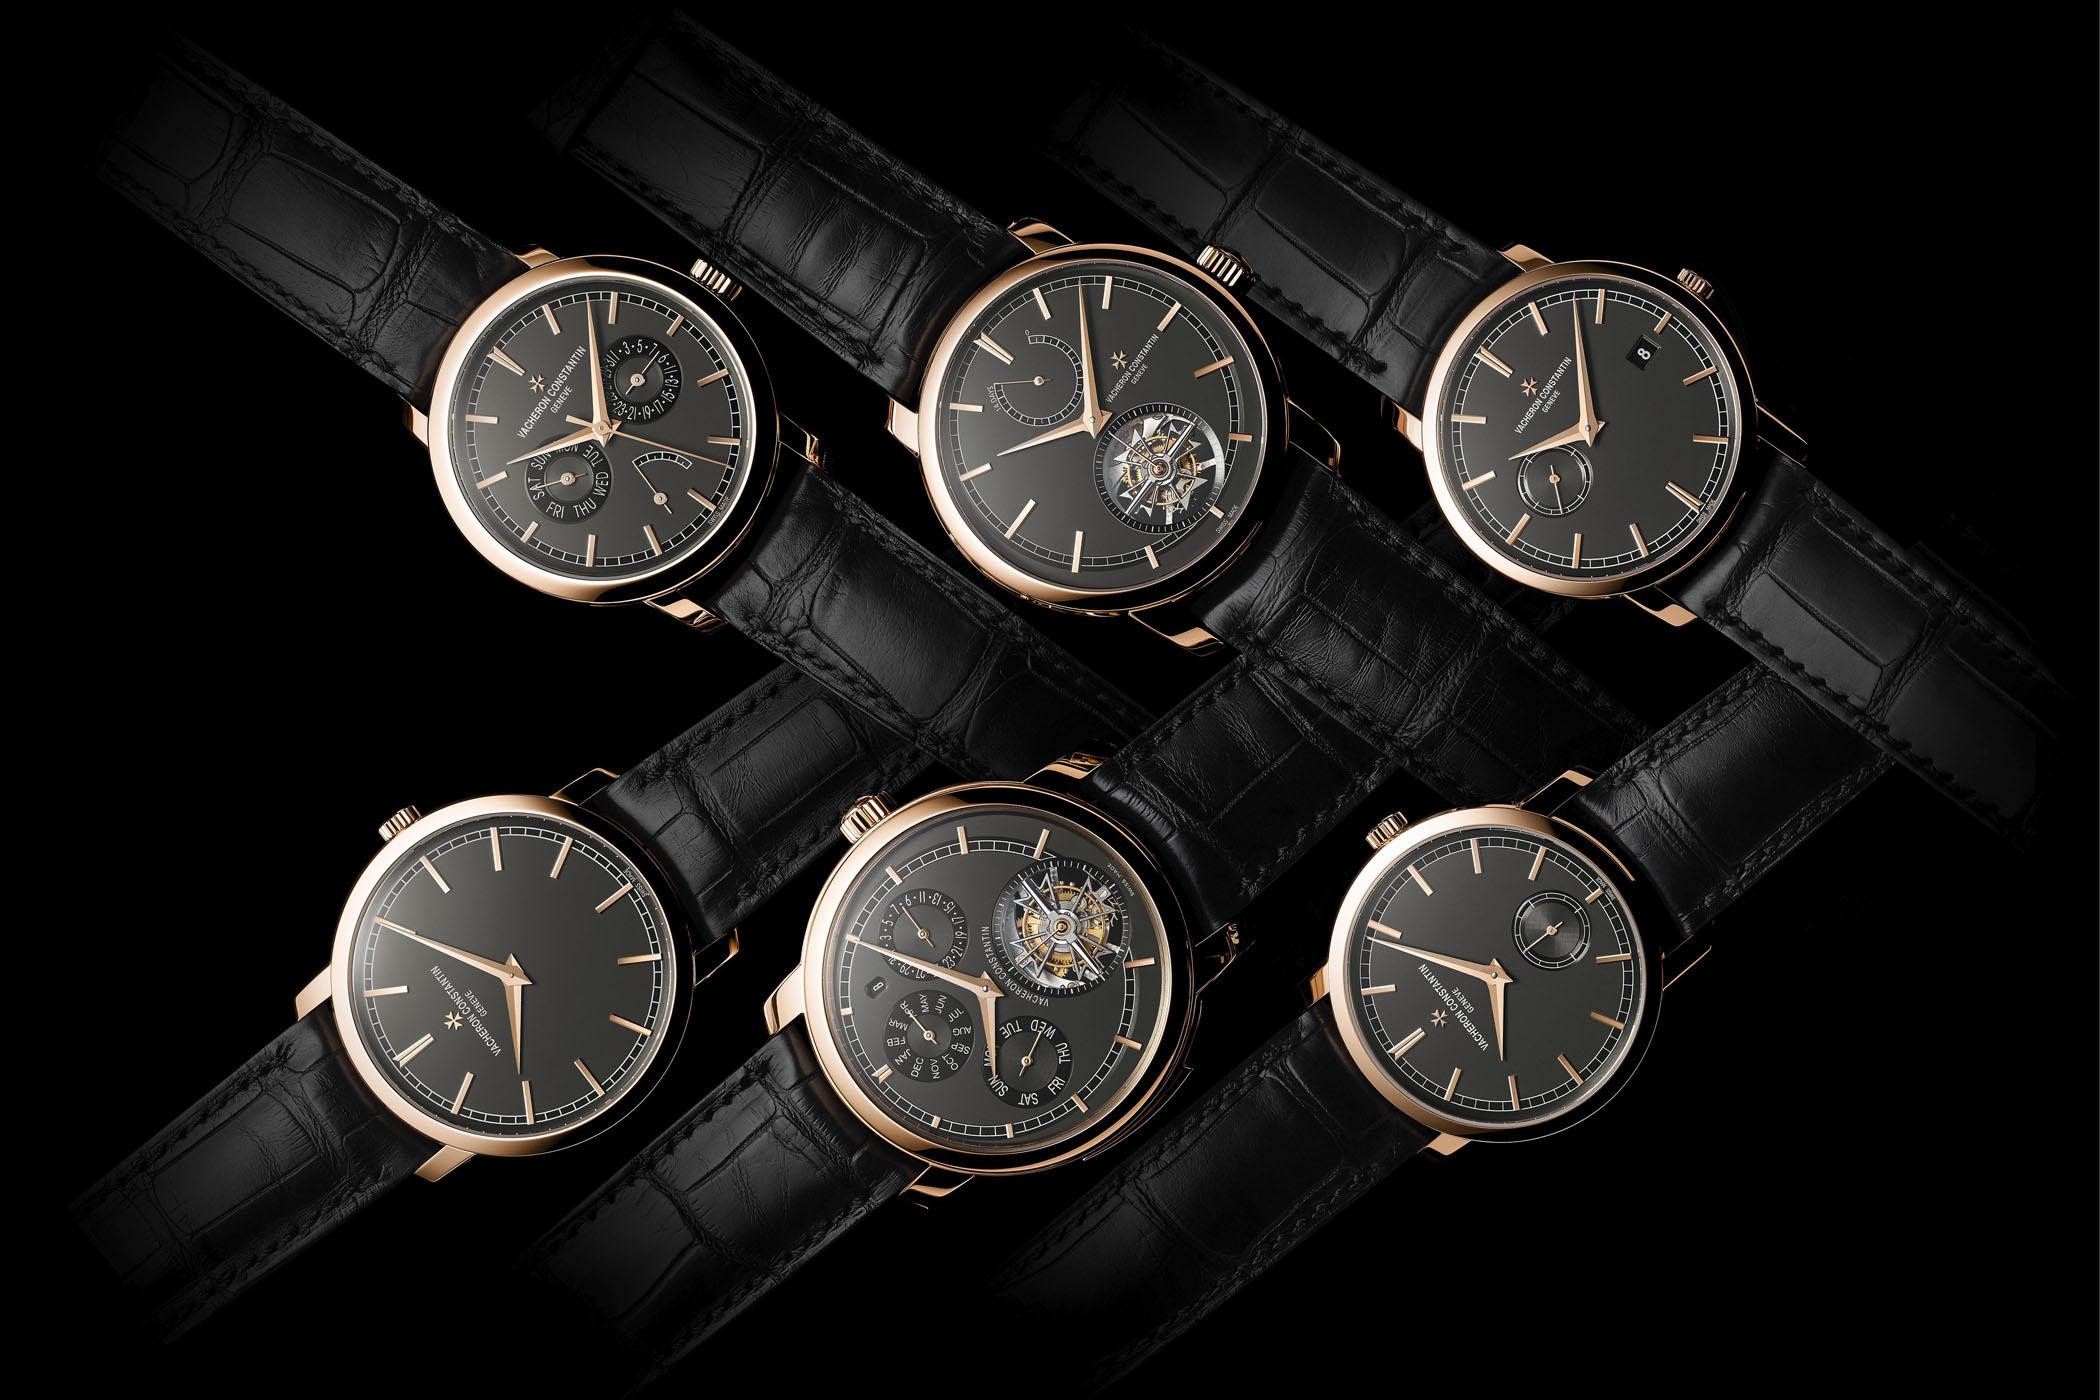 Swiss made часов скупка в заложить цена серебро ломбард